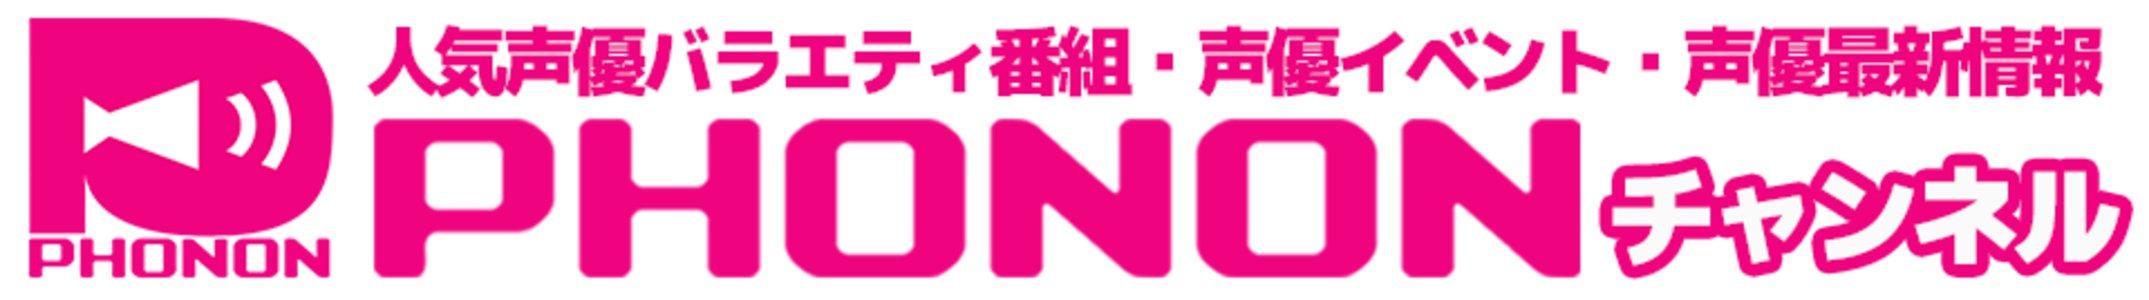 魔法笑女マジカル☆うっちーVol.11 DVD発売記念イベント <一部>